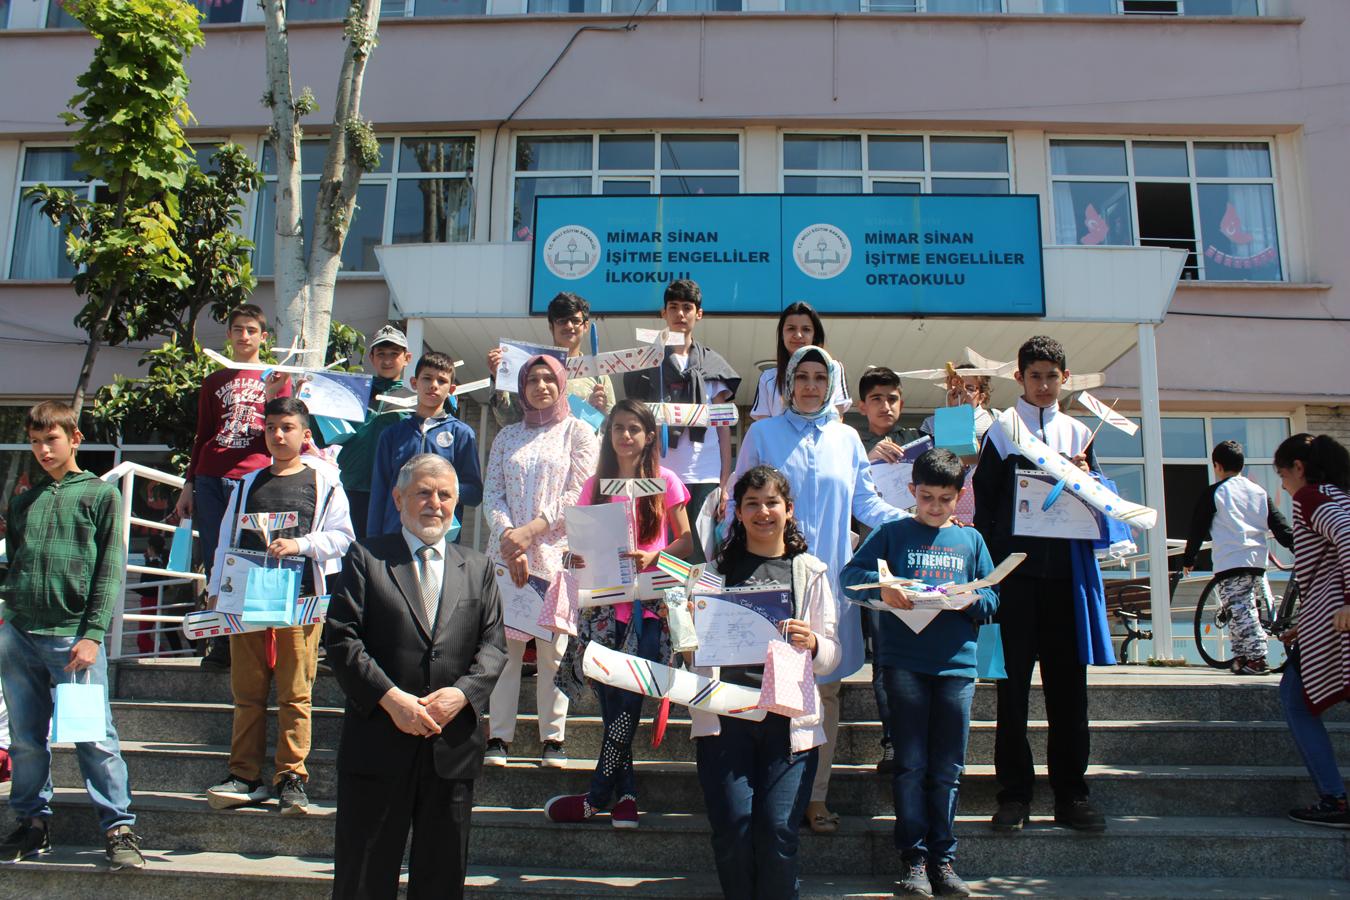 Mimar Sinan İşitme Engelliler Okulu öğrencilerine yönelik - MODEL UÇAK - MAVİ HALİÇ Gençlik ve Spor Kulübü Derneği | Mavi Haliç